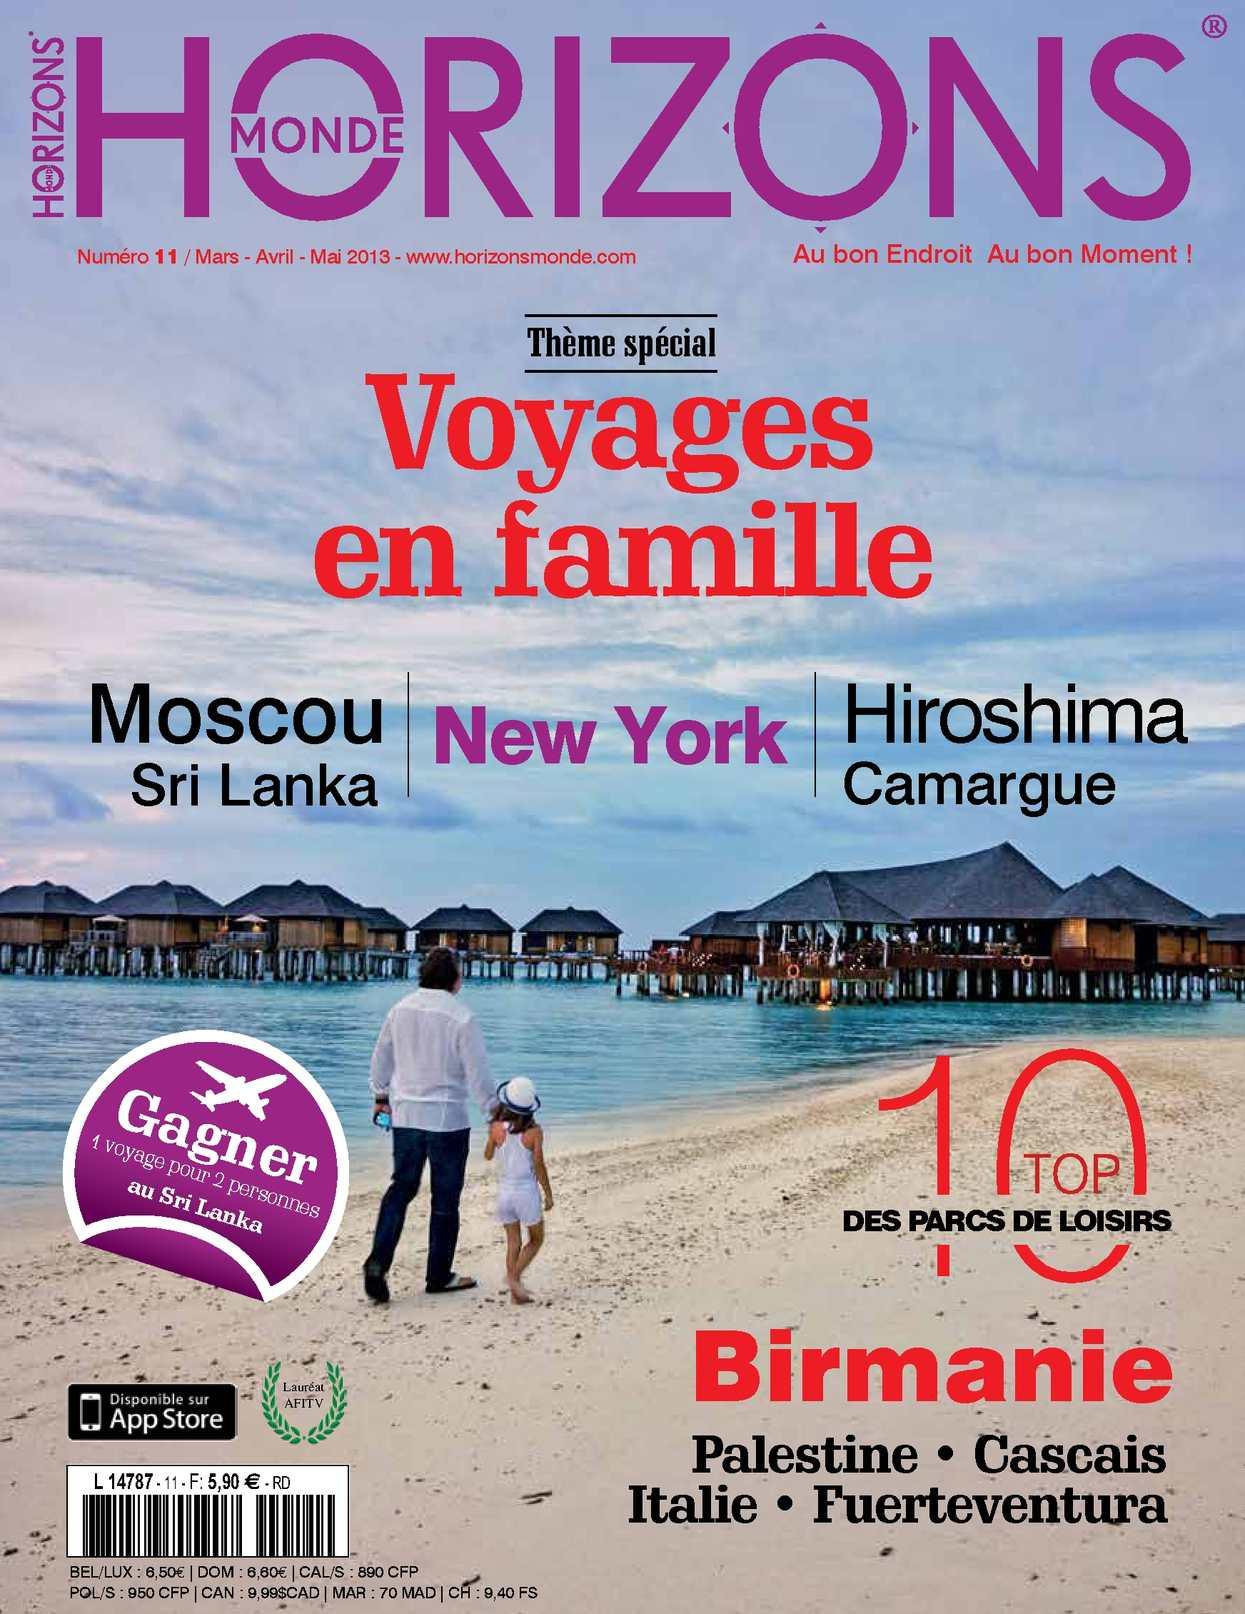 HORIZONS MONDE N°11 Printemps 2013